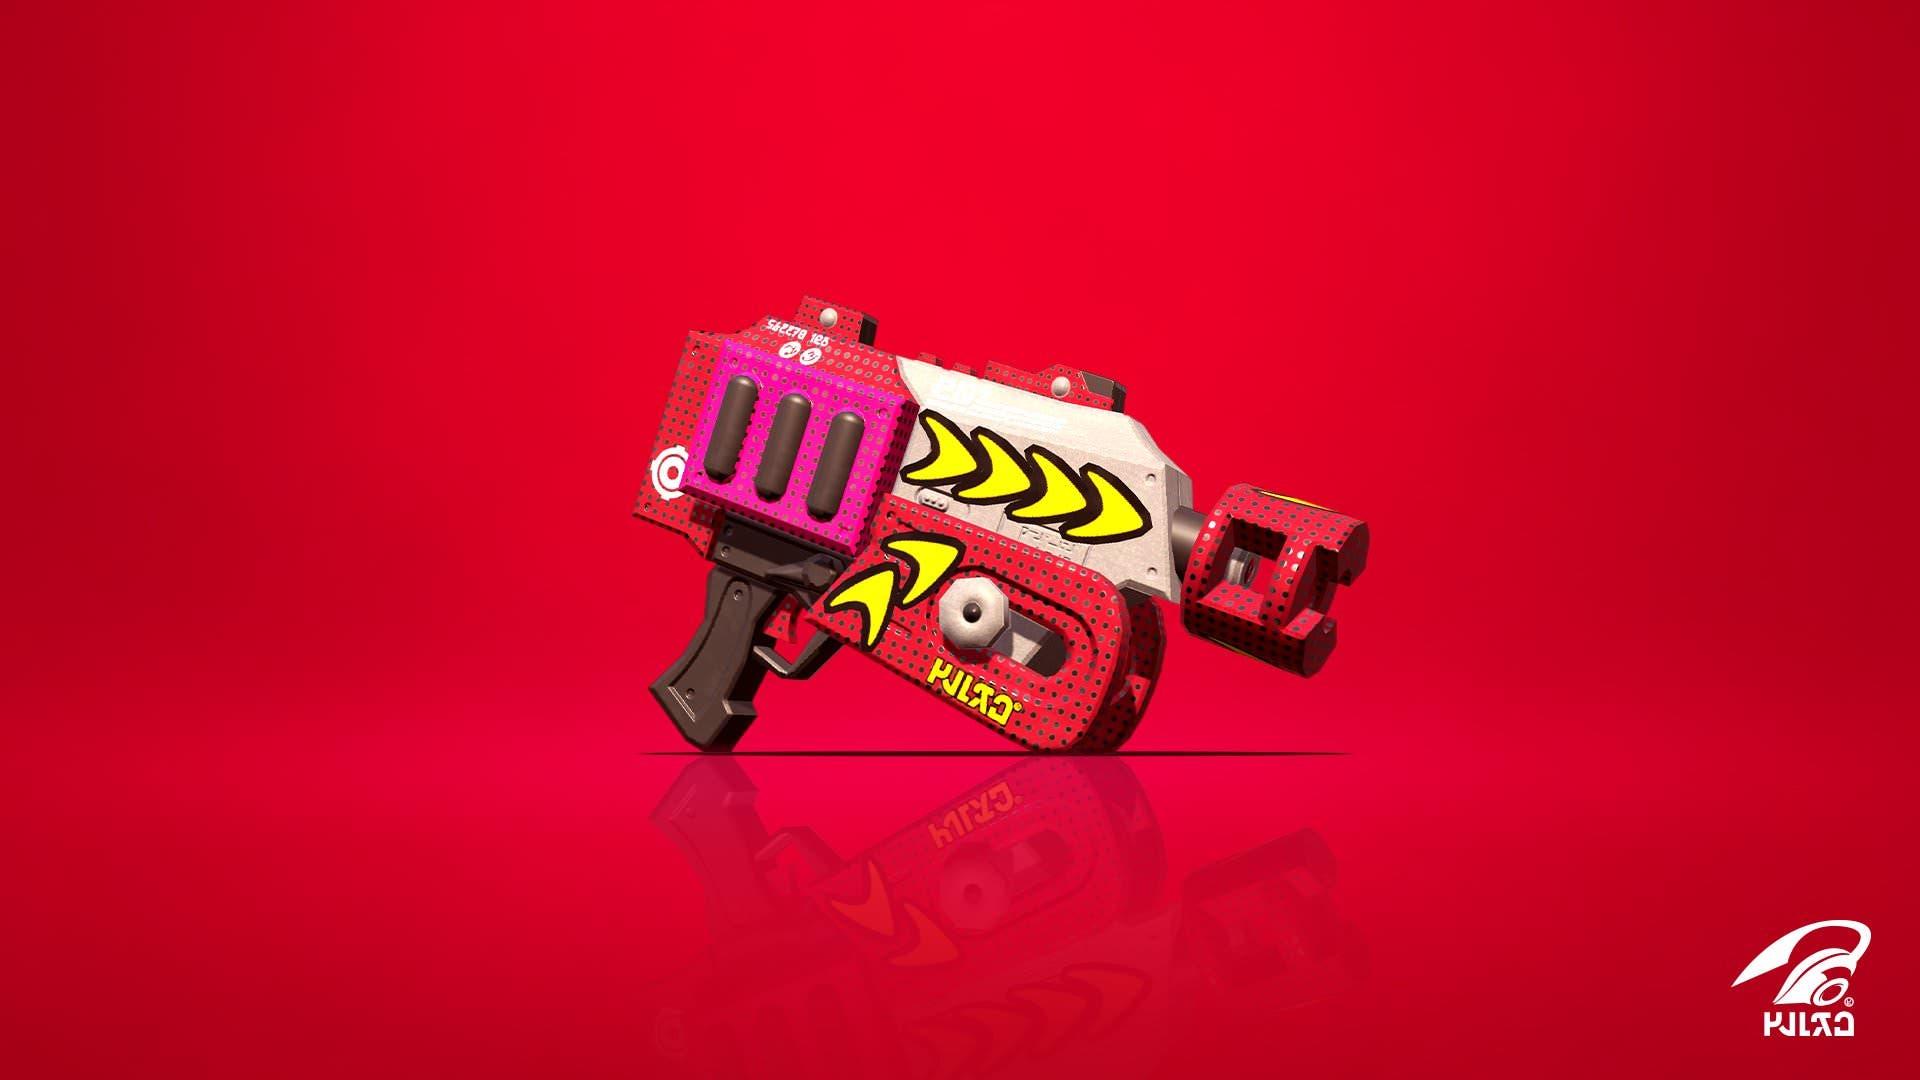 El Devastador exprés DX es el arma que recibirá esta semana Splatoon 2